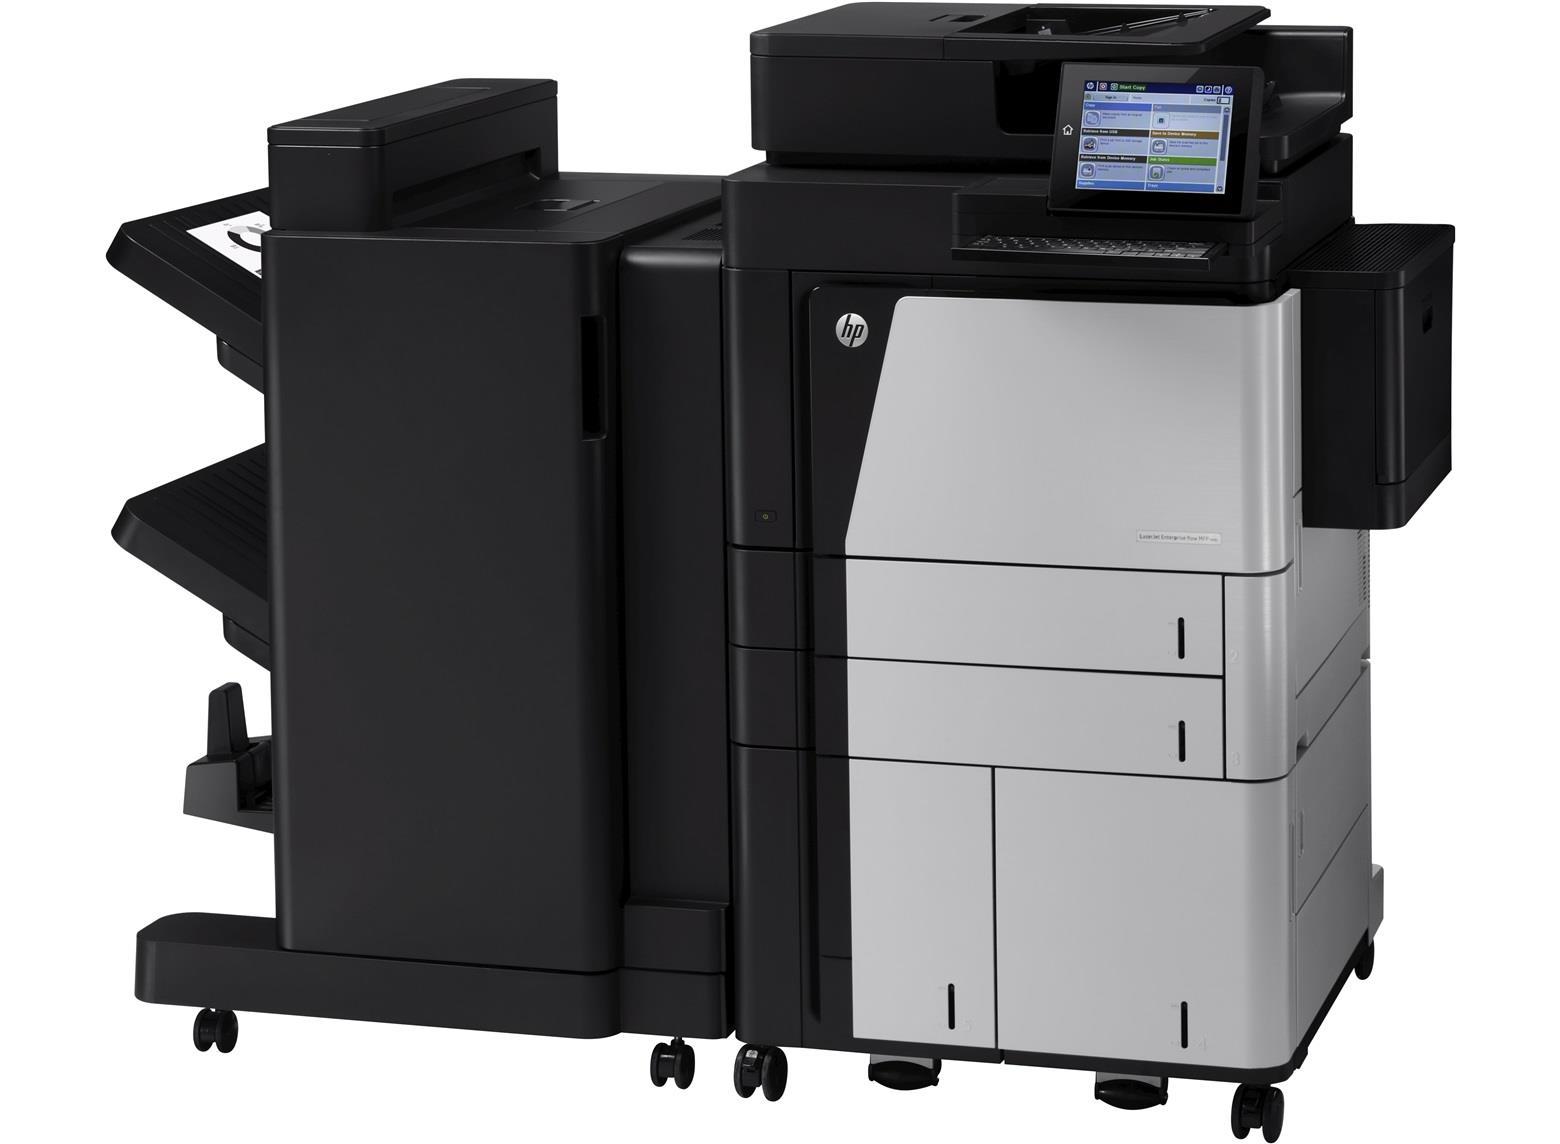 HP LaserJet Enterprise M830z (A3) Mono Laser Networked Multifunction Printer (Print/Copy/Scan/Fax) 1.5GB 20.3cm Colour LCD 56ppm 300,000 (MDC)